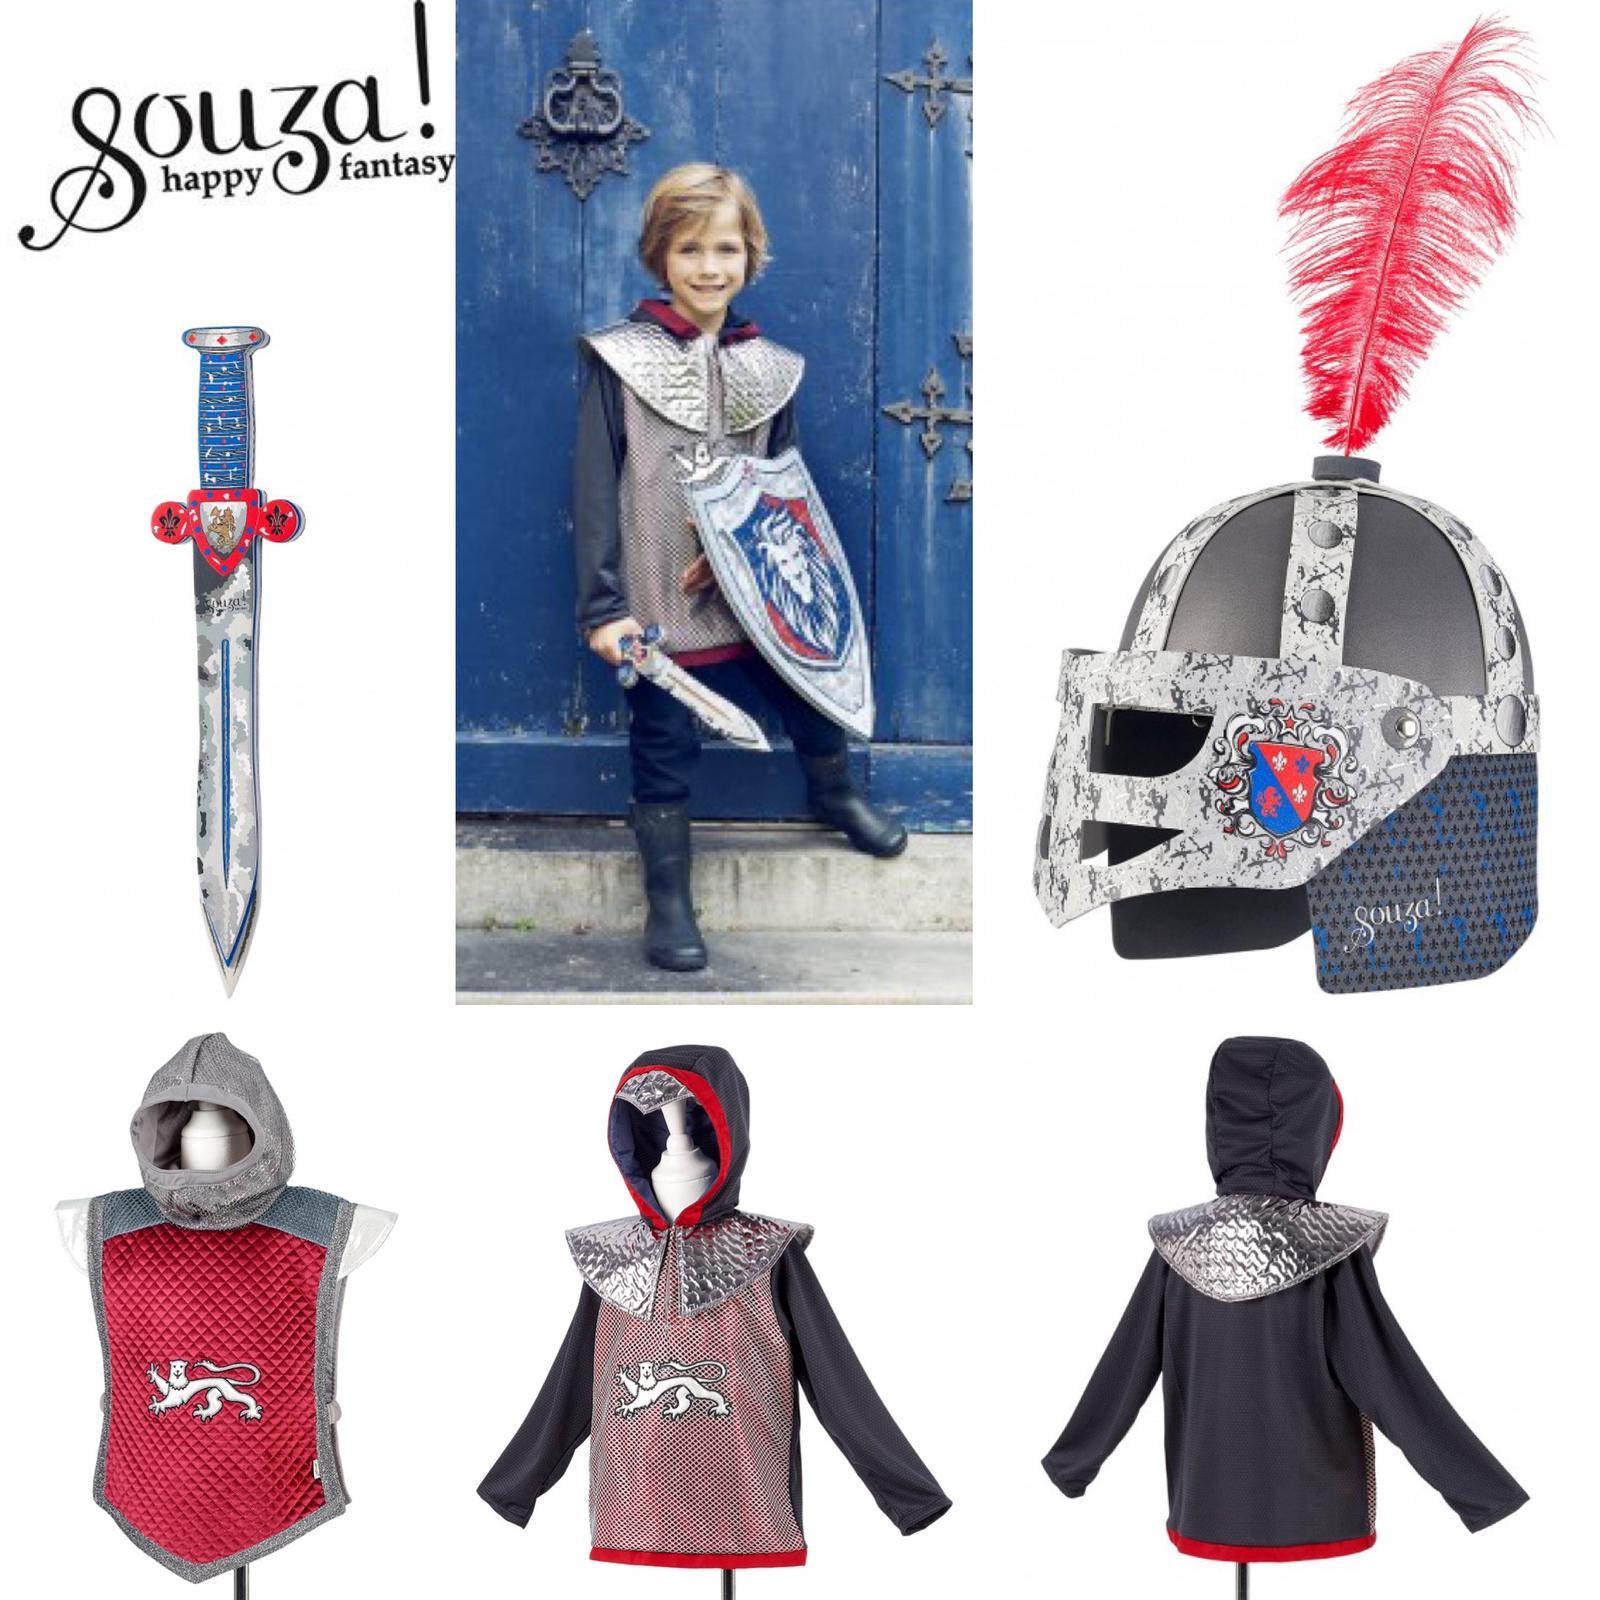 ridder ,souza for kids, verkleden, outfit, kasteel, prinsessen, prinses, verkleden